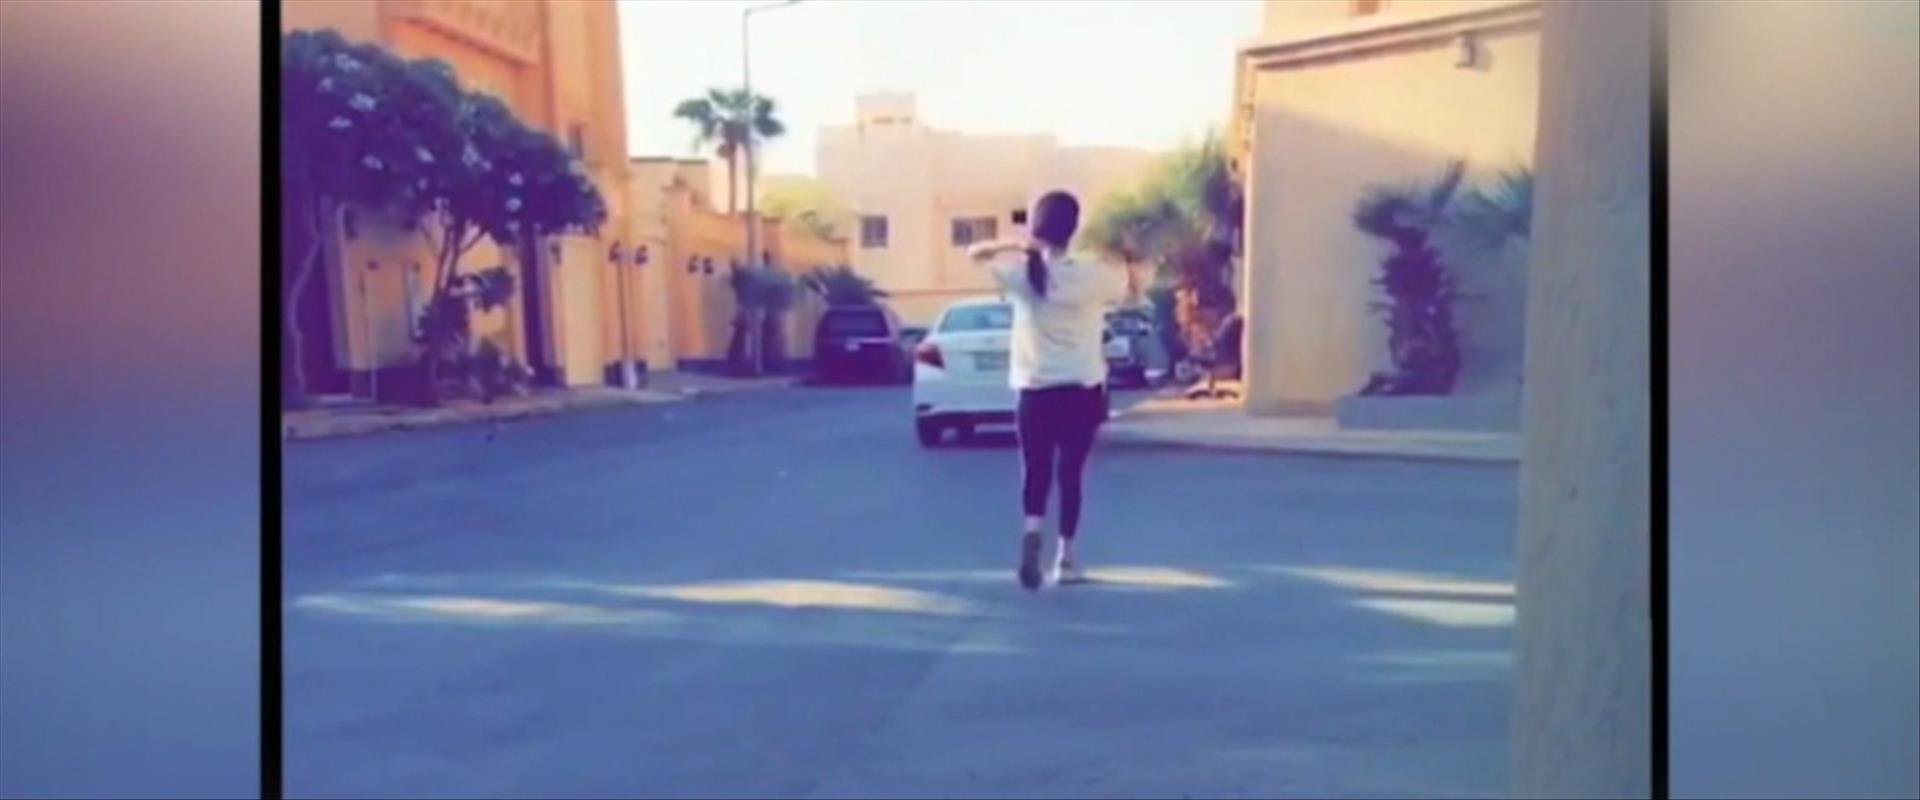 מנאהל אל-עתייבי לבושה בטייץ ברחובות ריאד